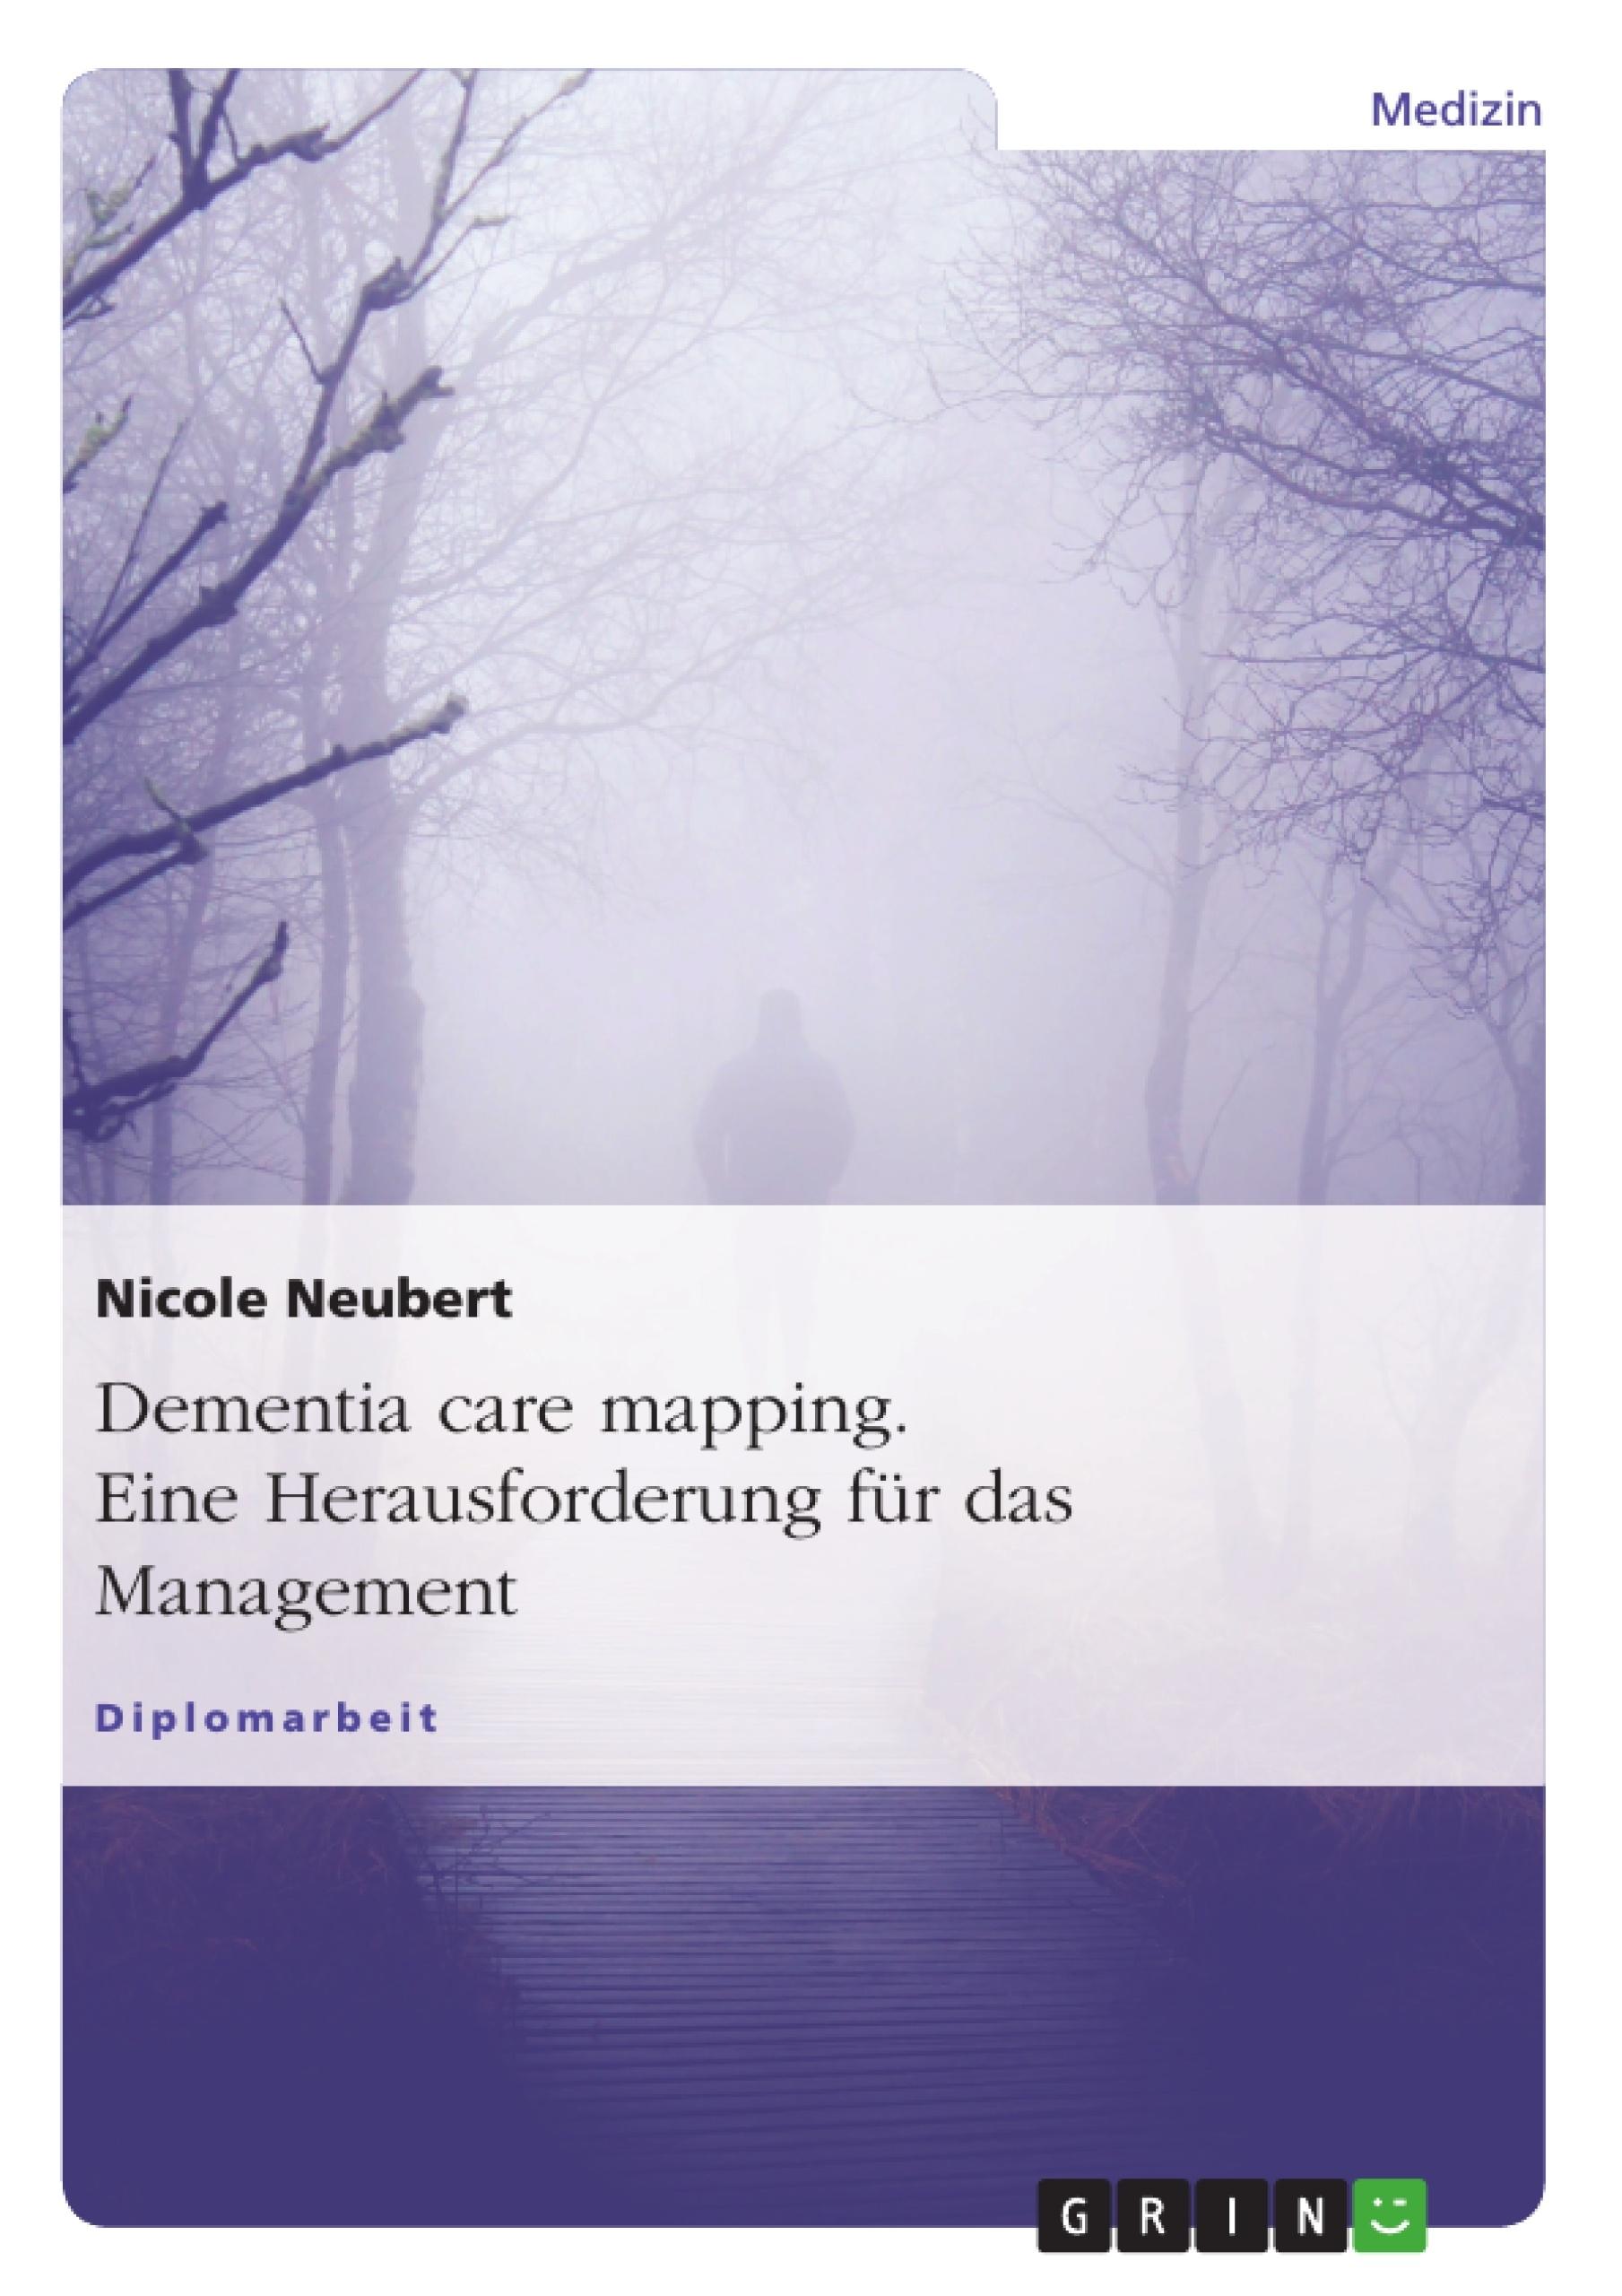 Titel: Dementia care mapping. Eine Herausforderung für das Management